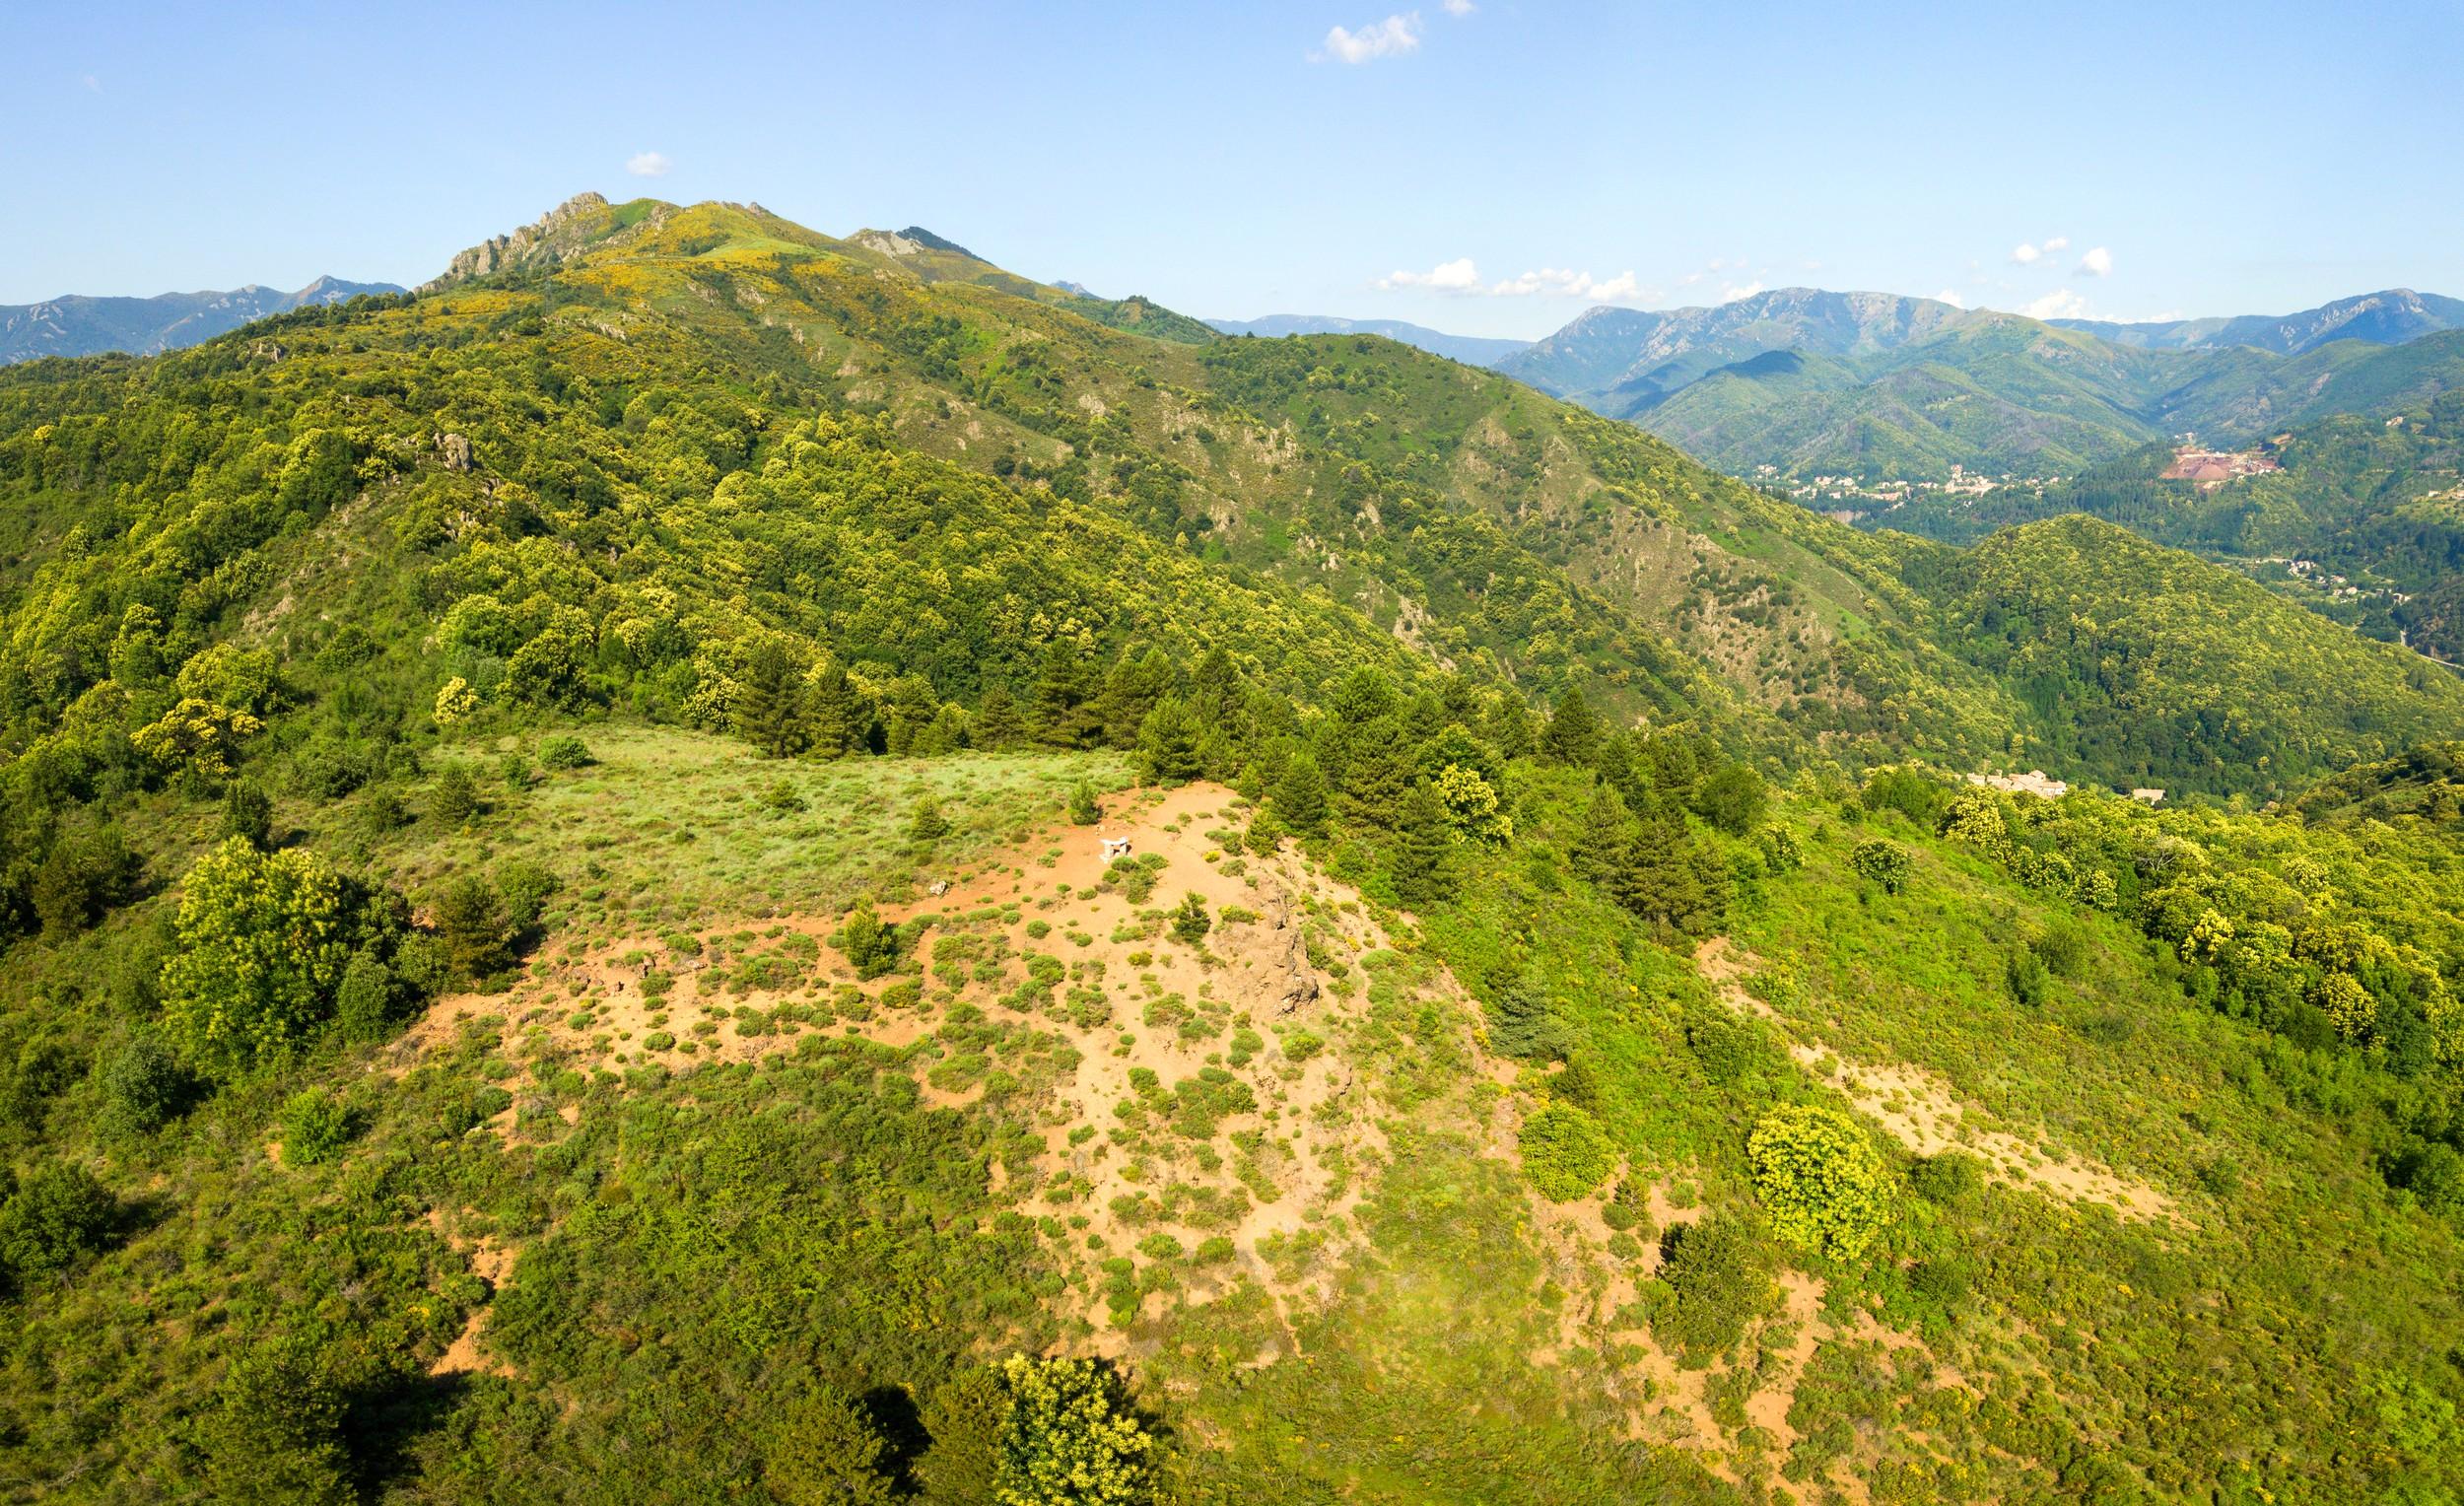 Jaujac - Sommet du volcan du Souilhol ©S.BUGNON